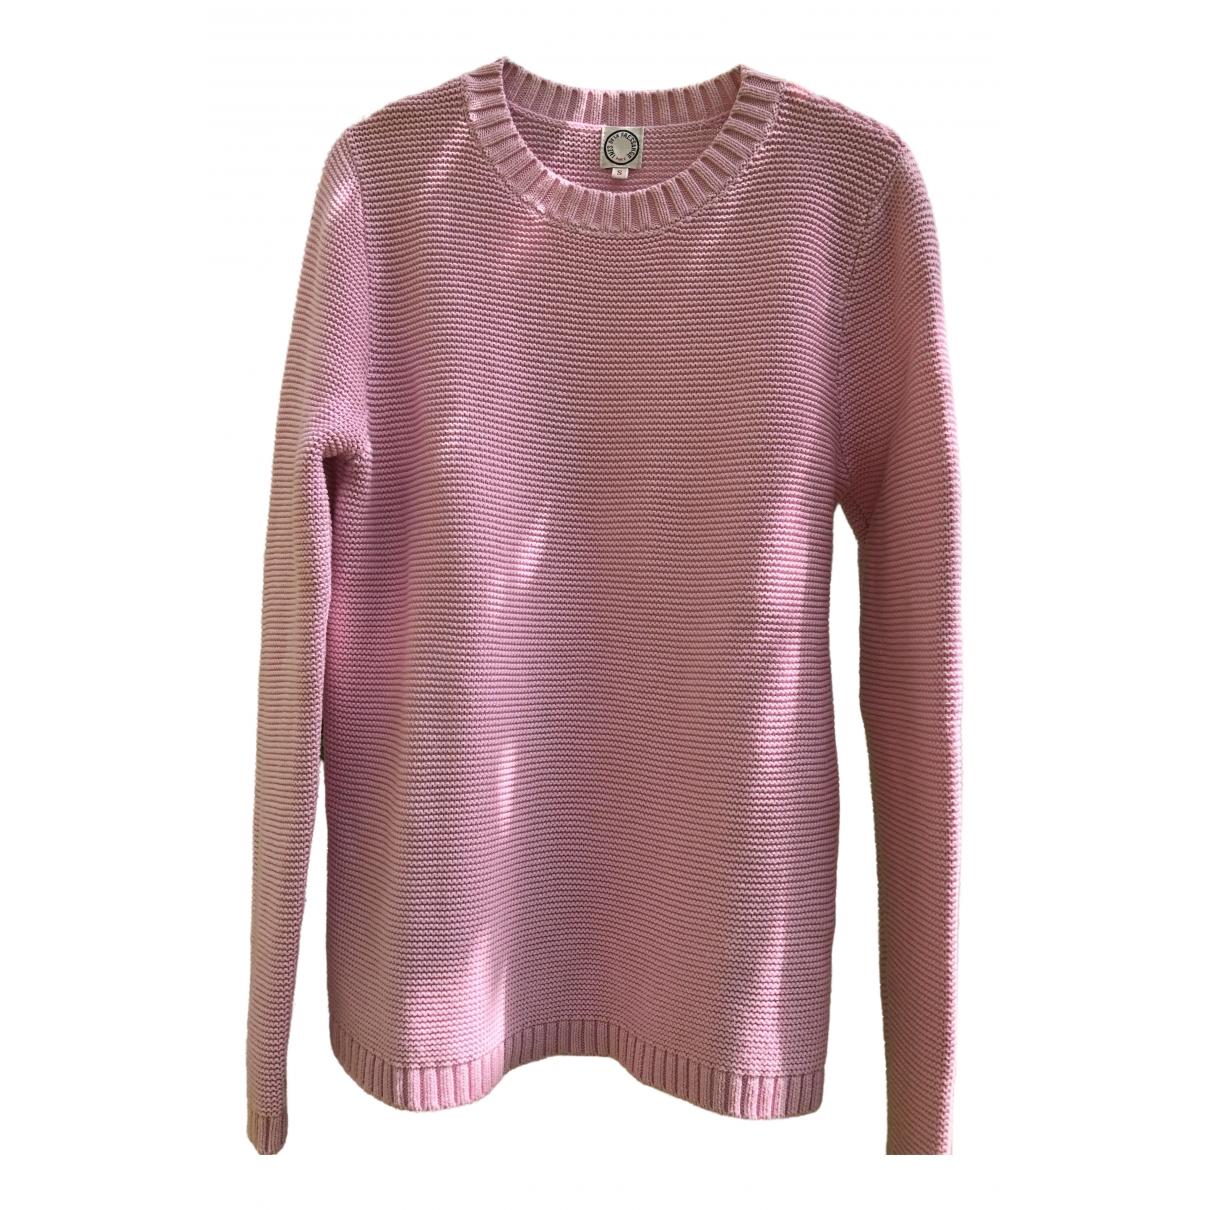 Ines De La Fressange Paris - Pull   pour femme en coton - rose